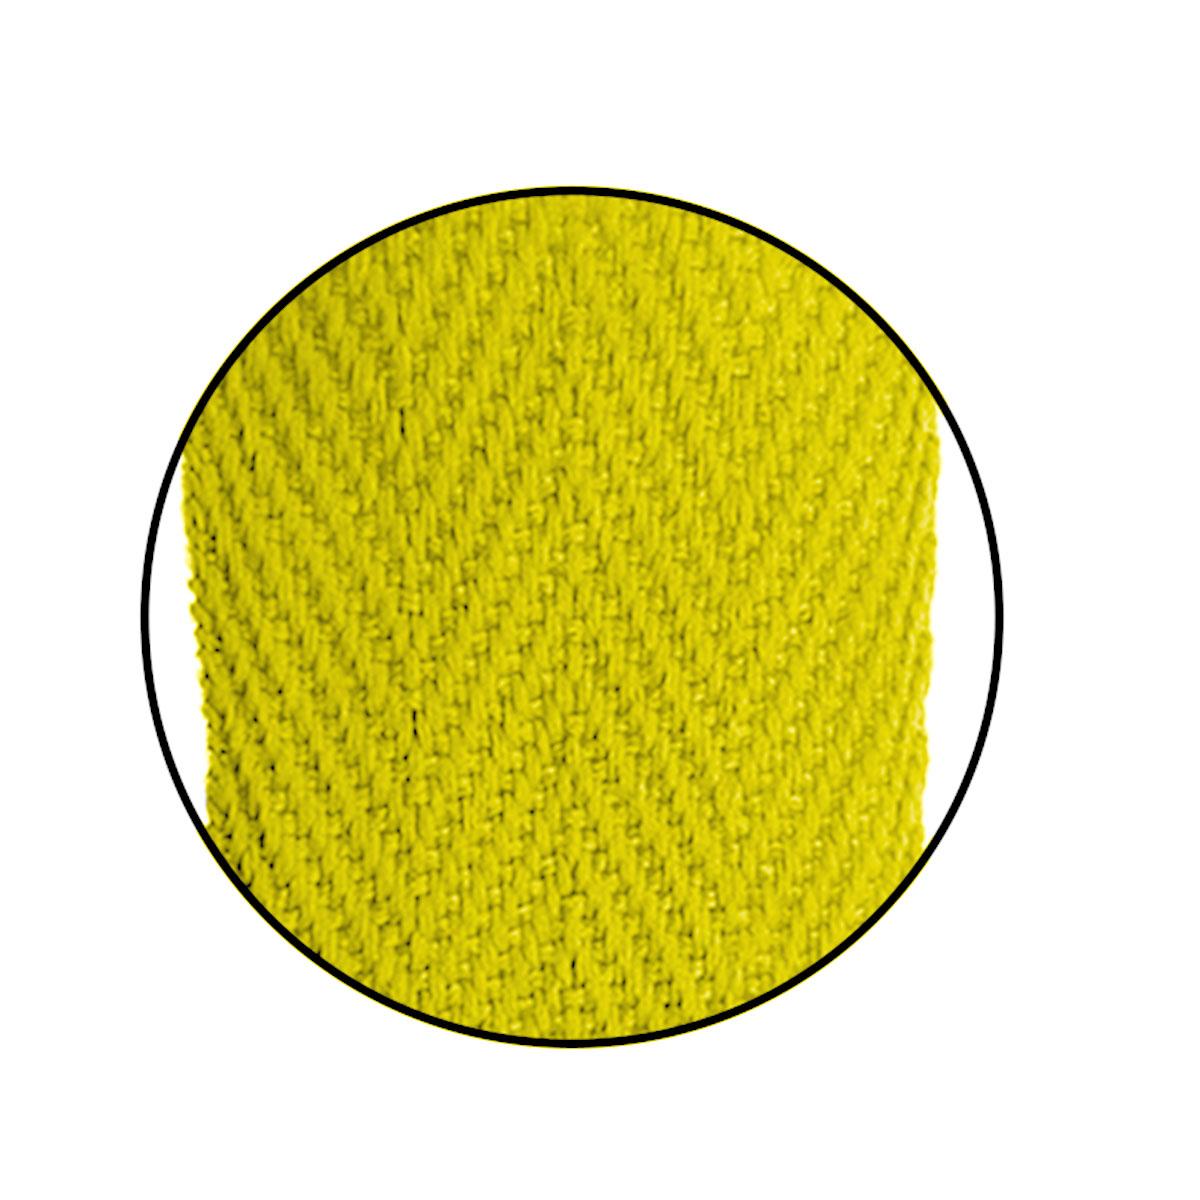 Alça Gorgurão (Escama) 25mm x 80 cm - Cortada S/ Acetato (100 unidades)